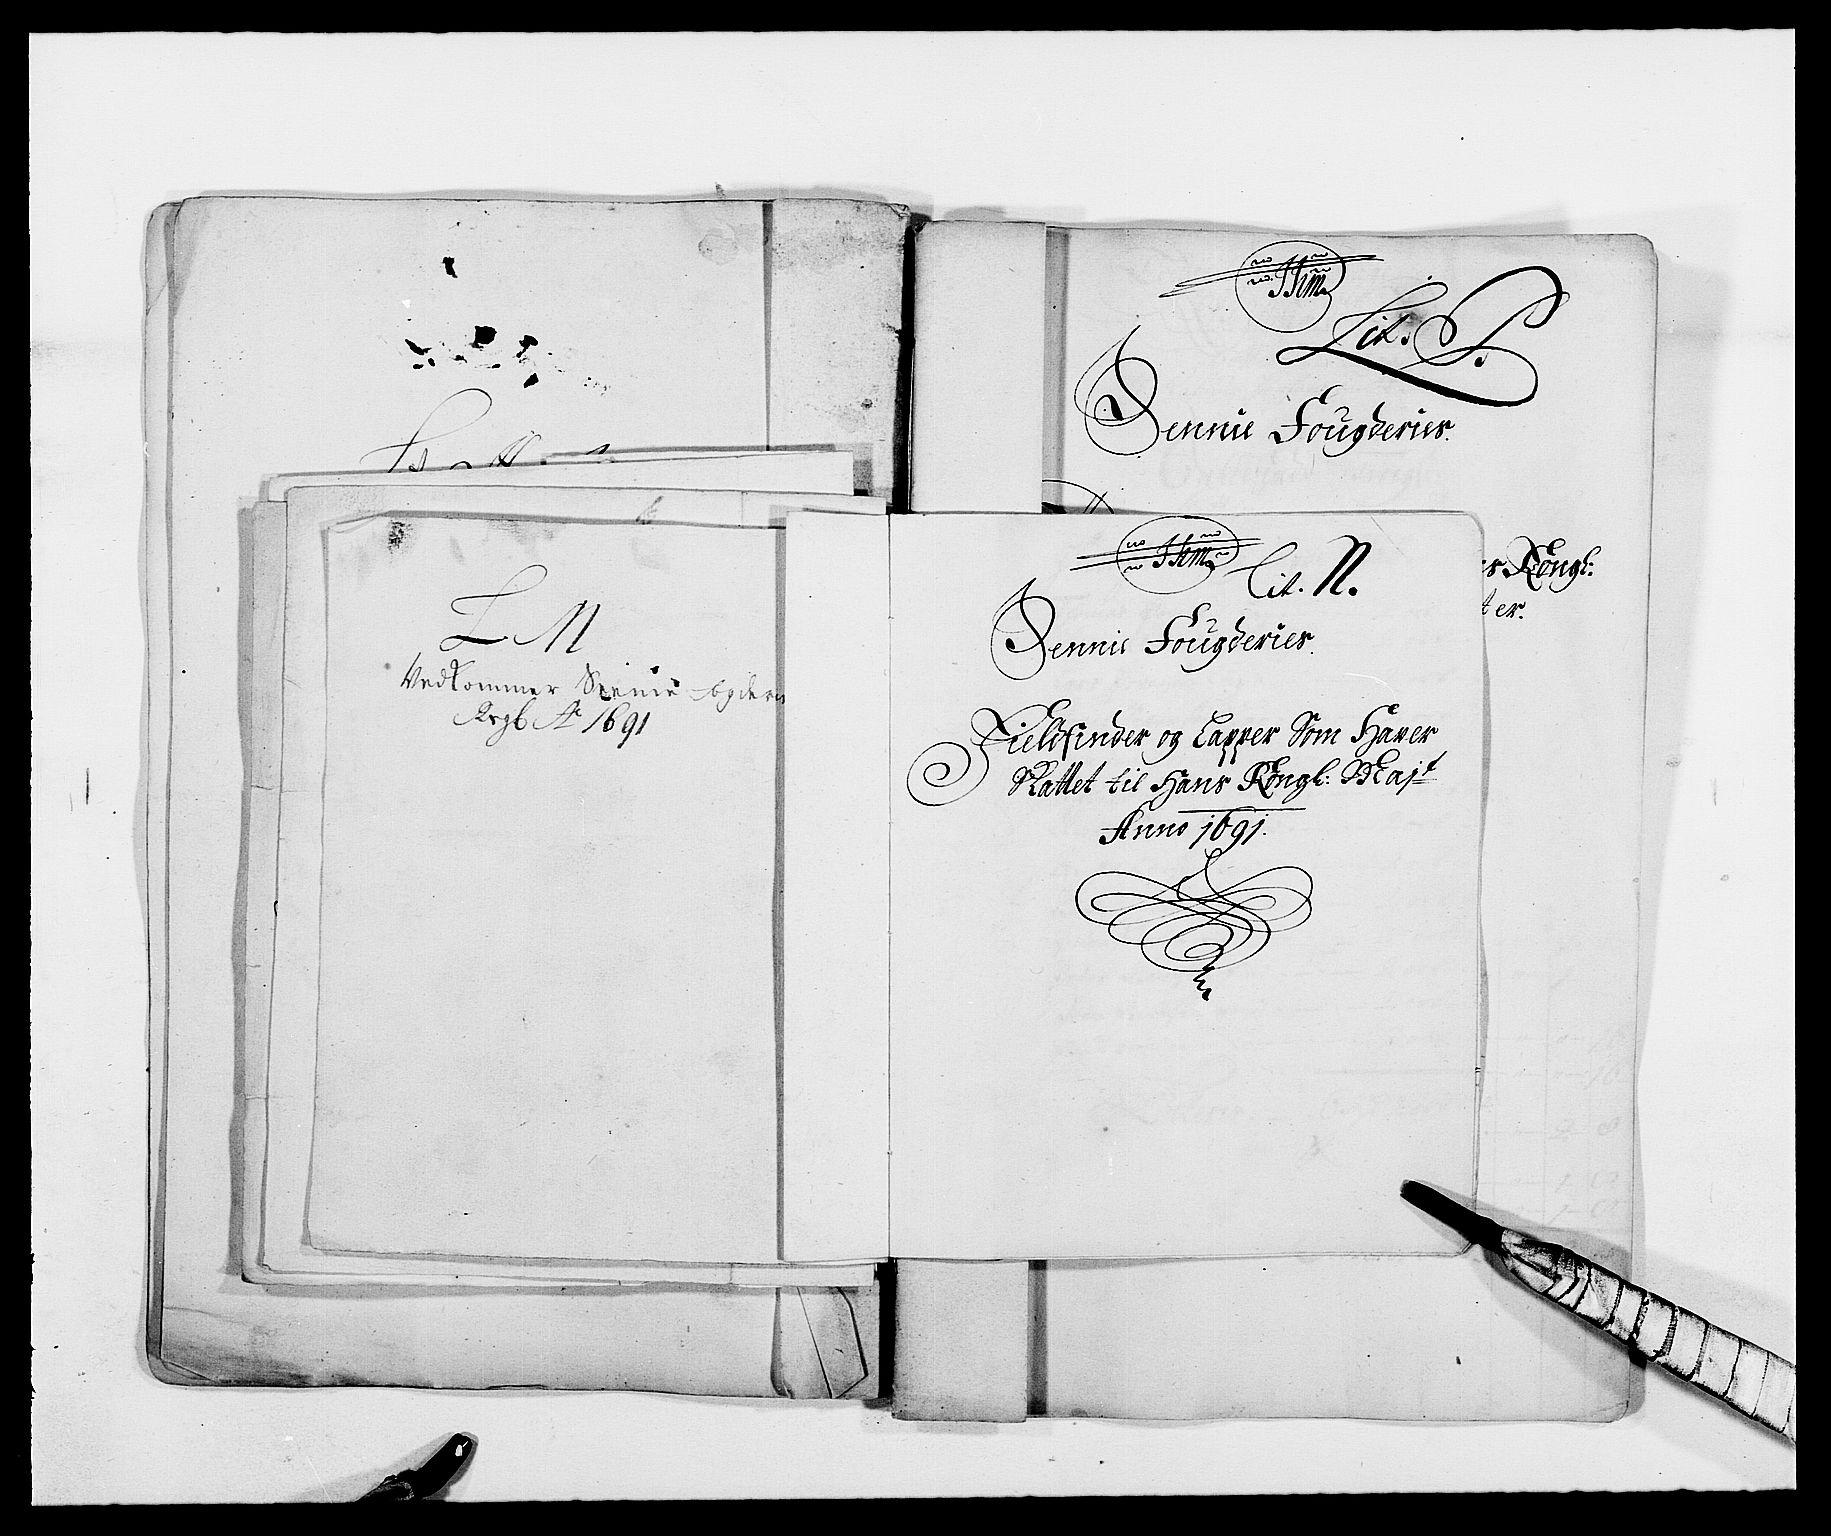 RA, Rentekammeret inntil 1814, Reviderte regnskaper, Fogderegnskap, R68/L4752: Fogderegnskap Senja og Troms, 1691-1693, s. 87